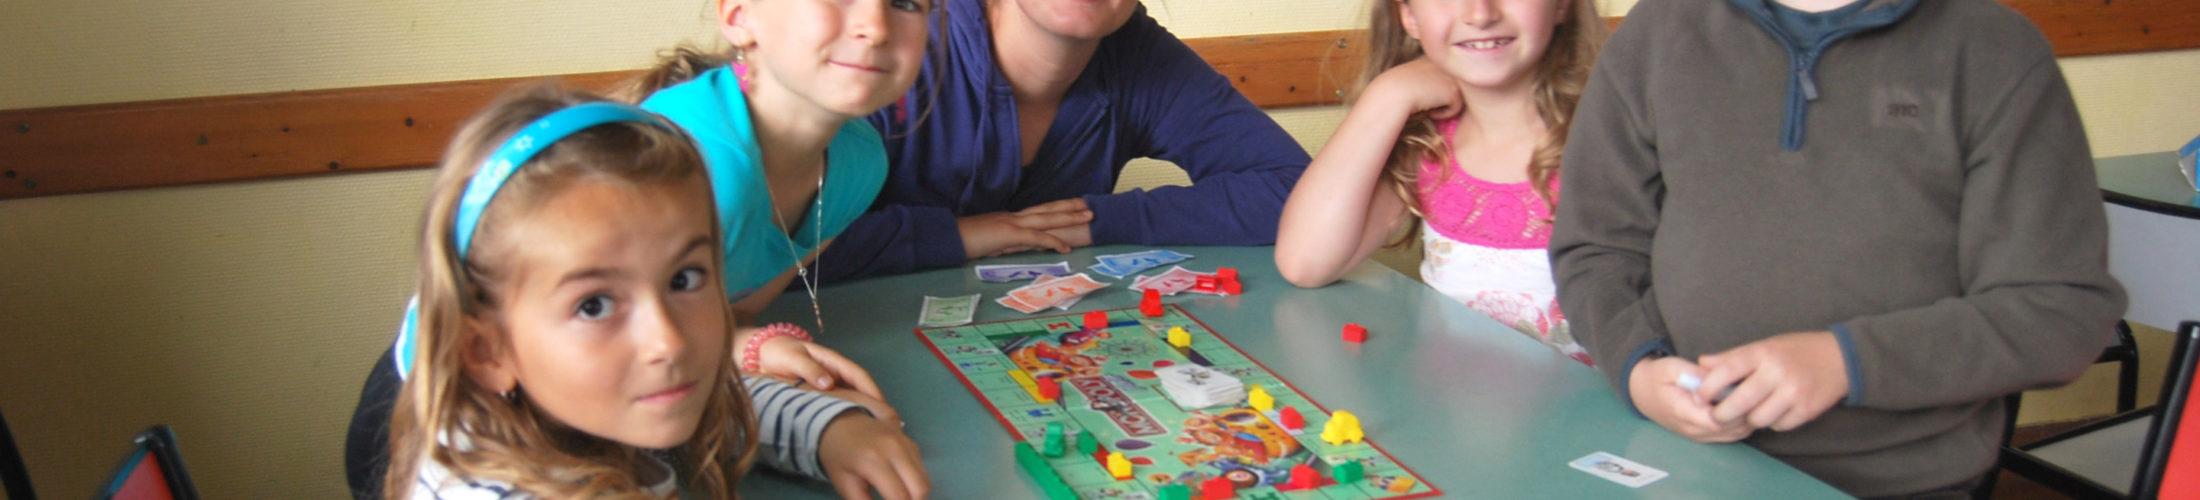 Garderie Vos enfants, scolarisés dans les écoles de Rives-en-Seine, peuvent être pris en charge avant et après la classe à la garderie. Garderie Saint 1